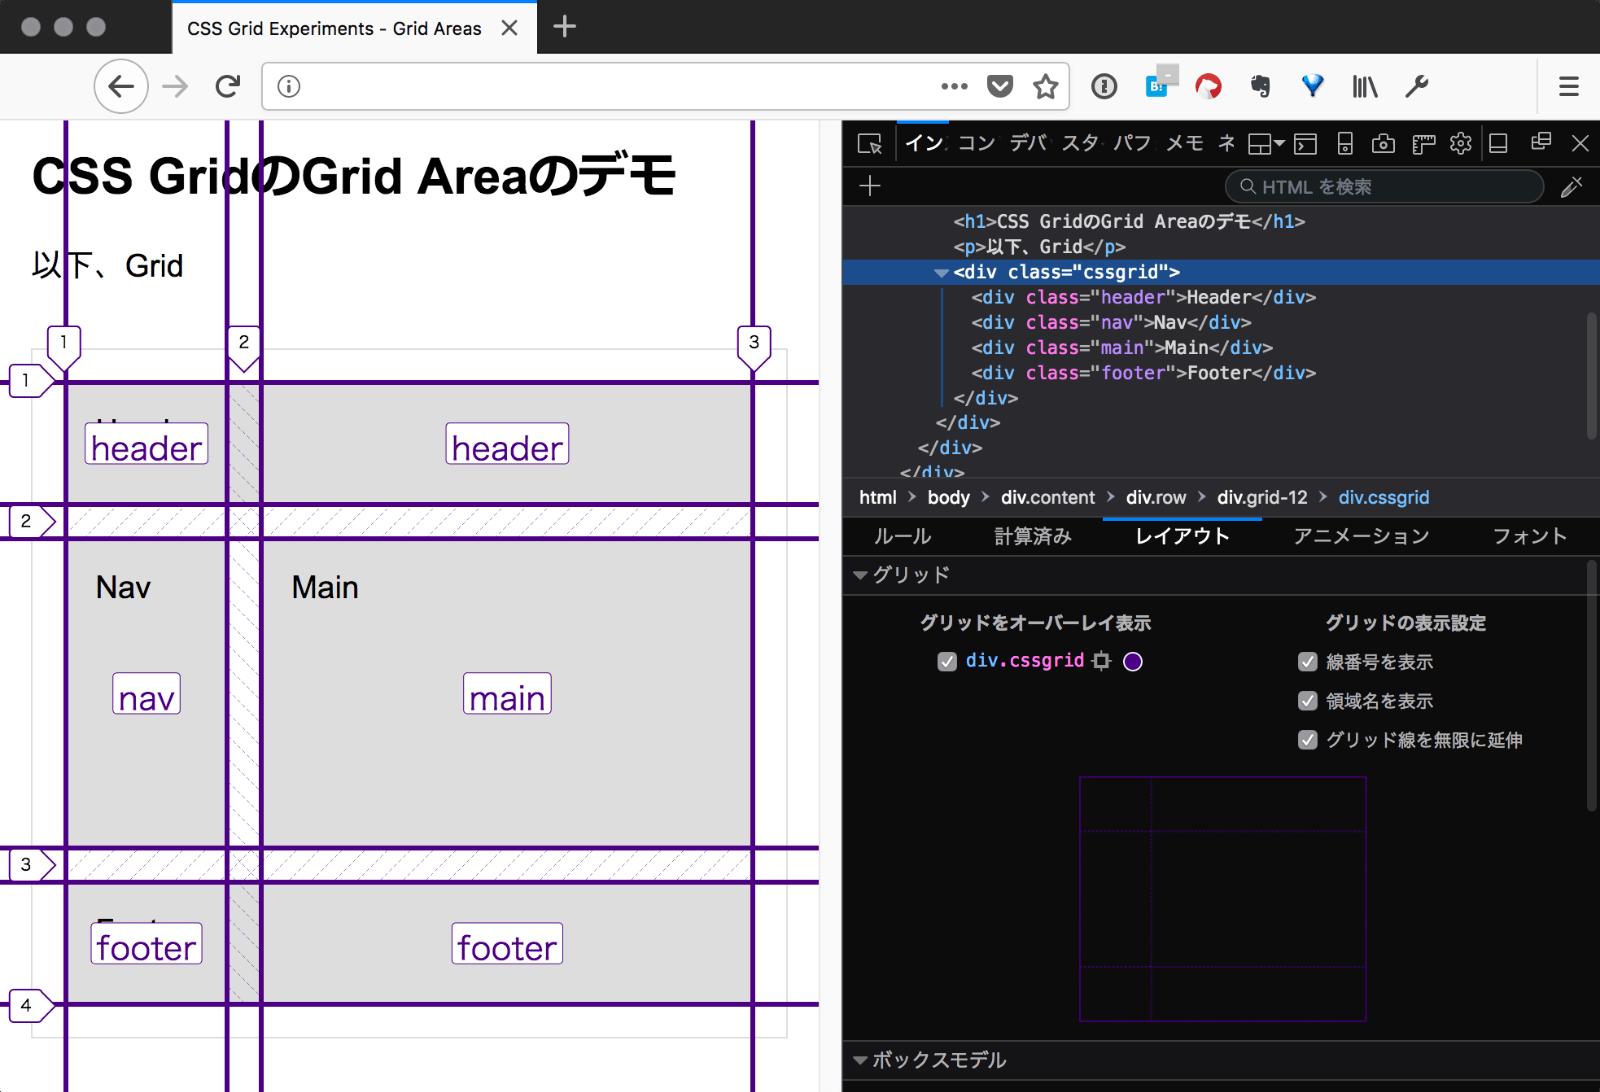 Firefoxの開発ツールのレイアウトタブでグリッド線を無限に延伸オプションをオンにした状態